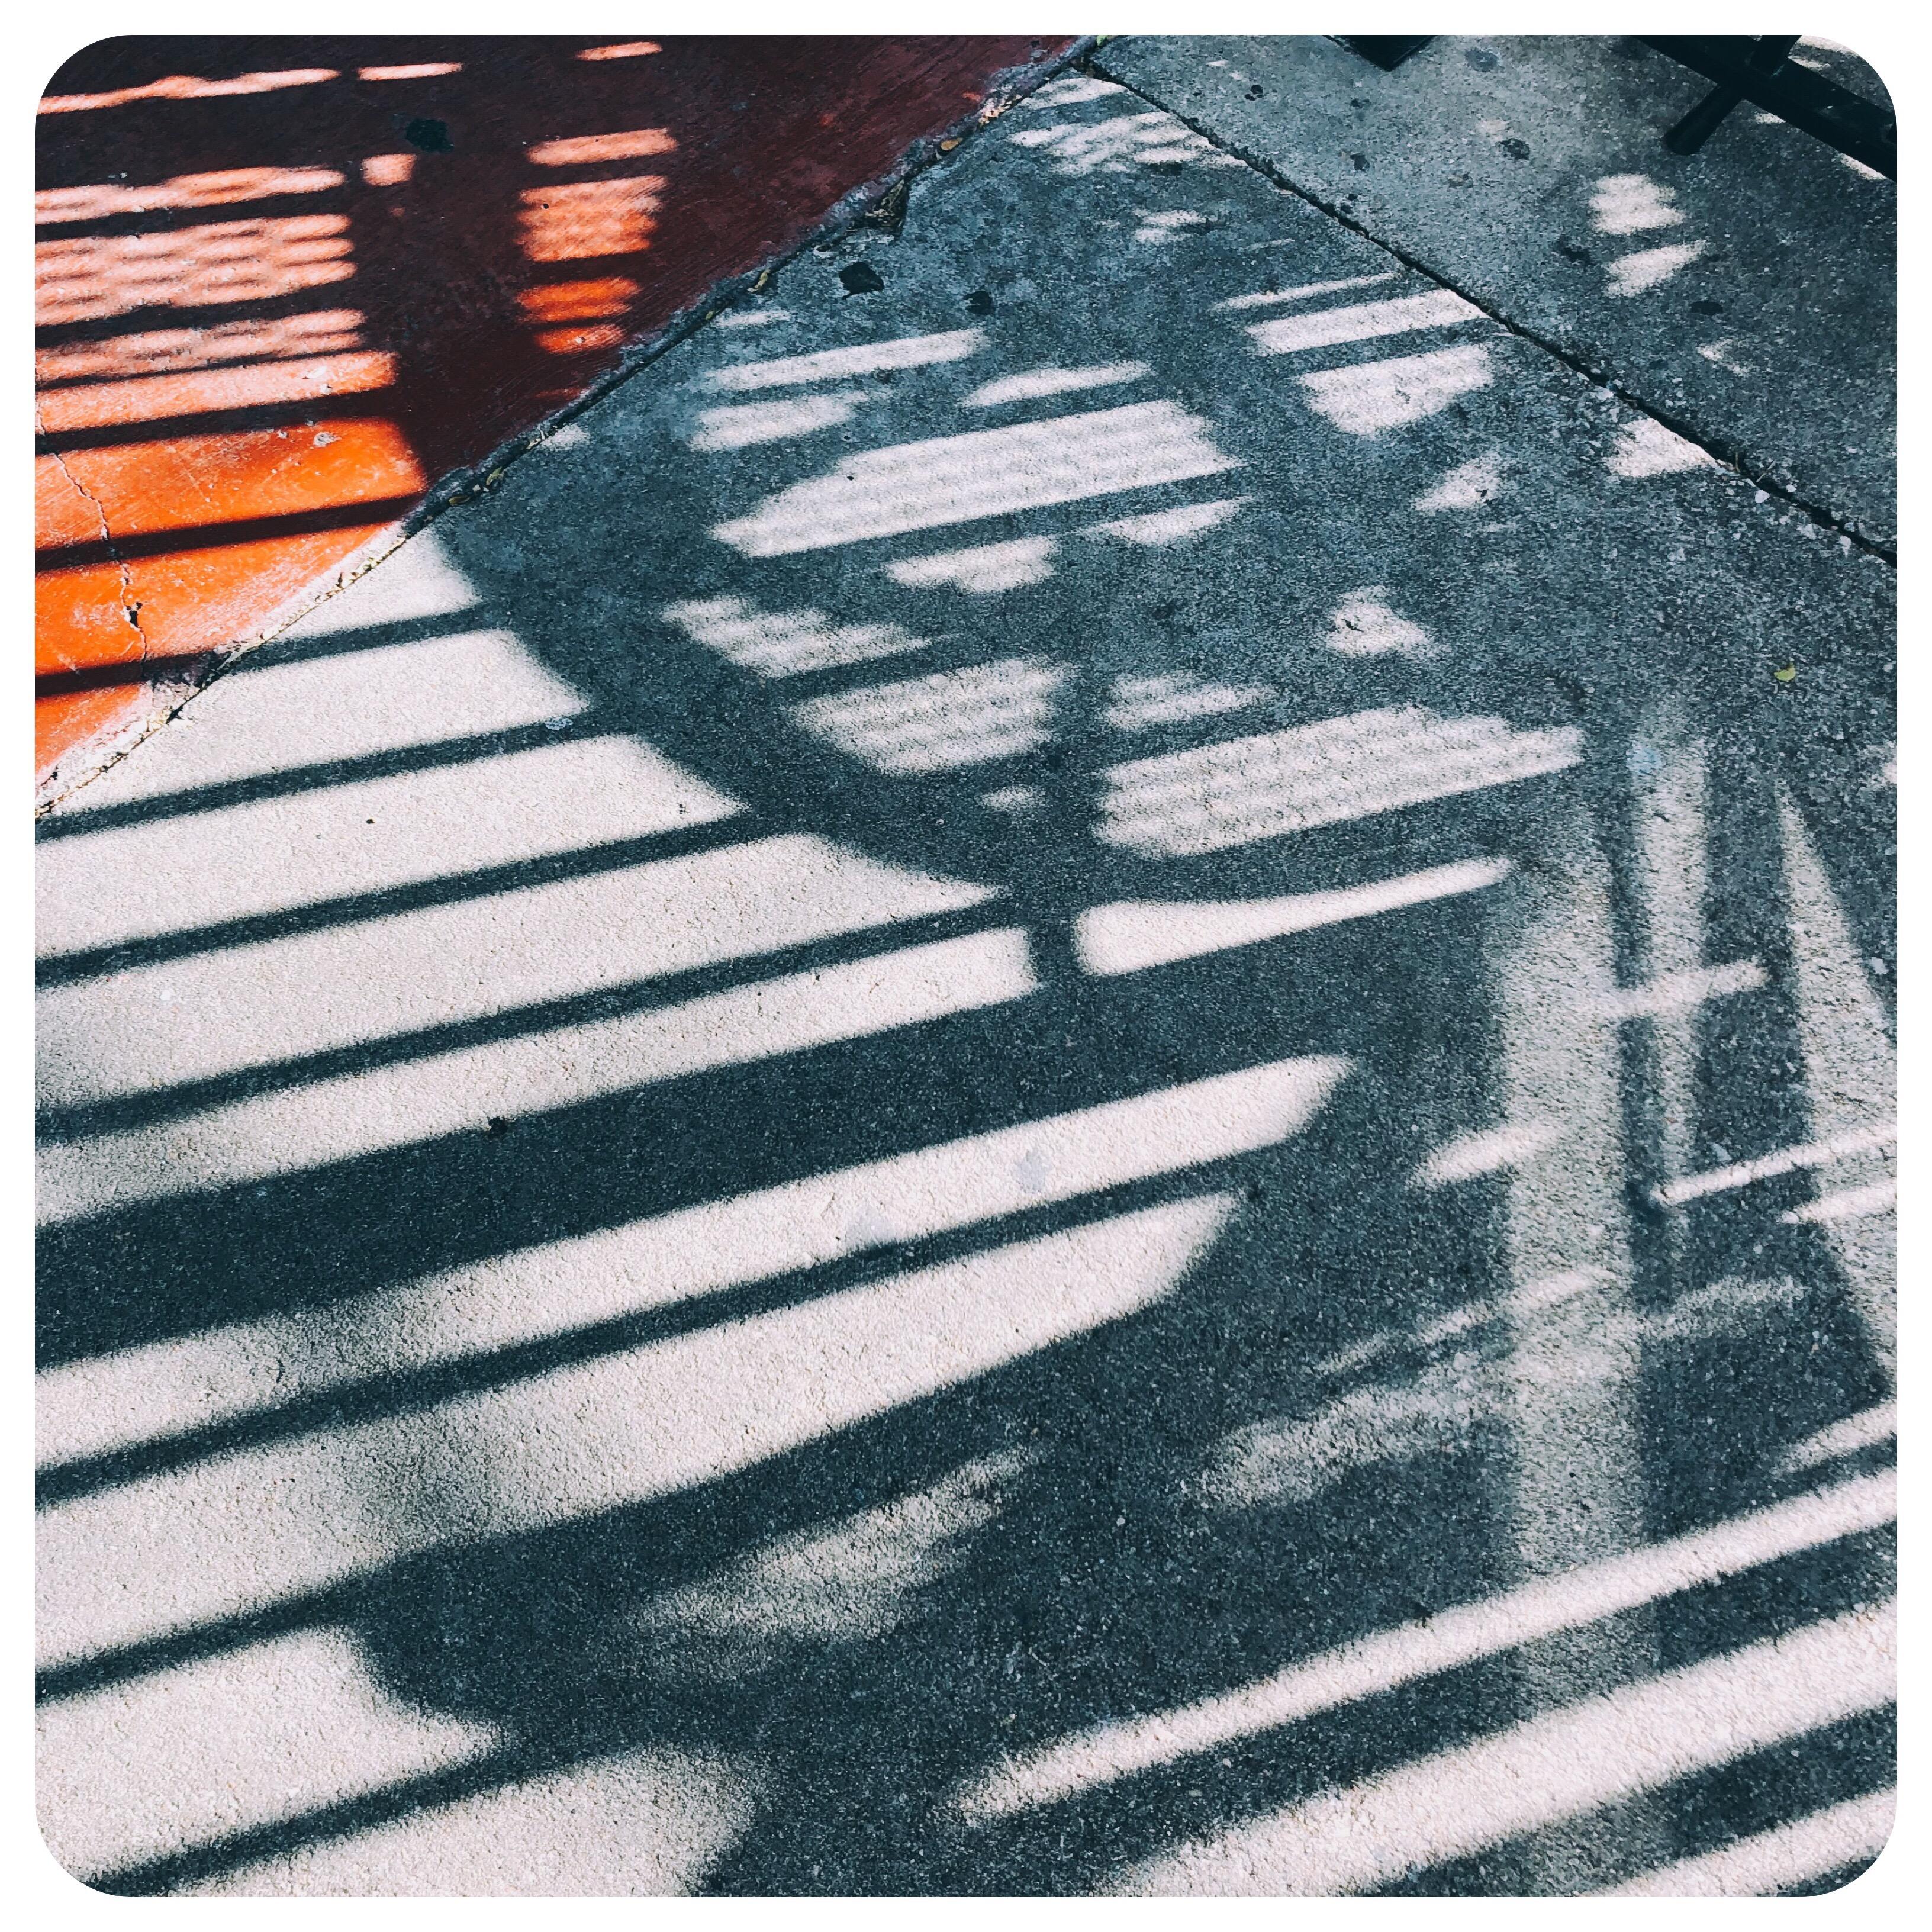 Shadows reflecting on sidewalk Lawrence